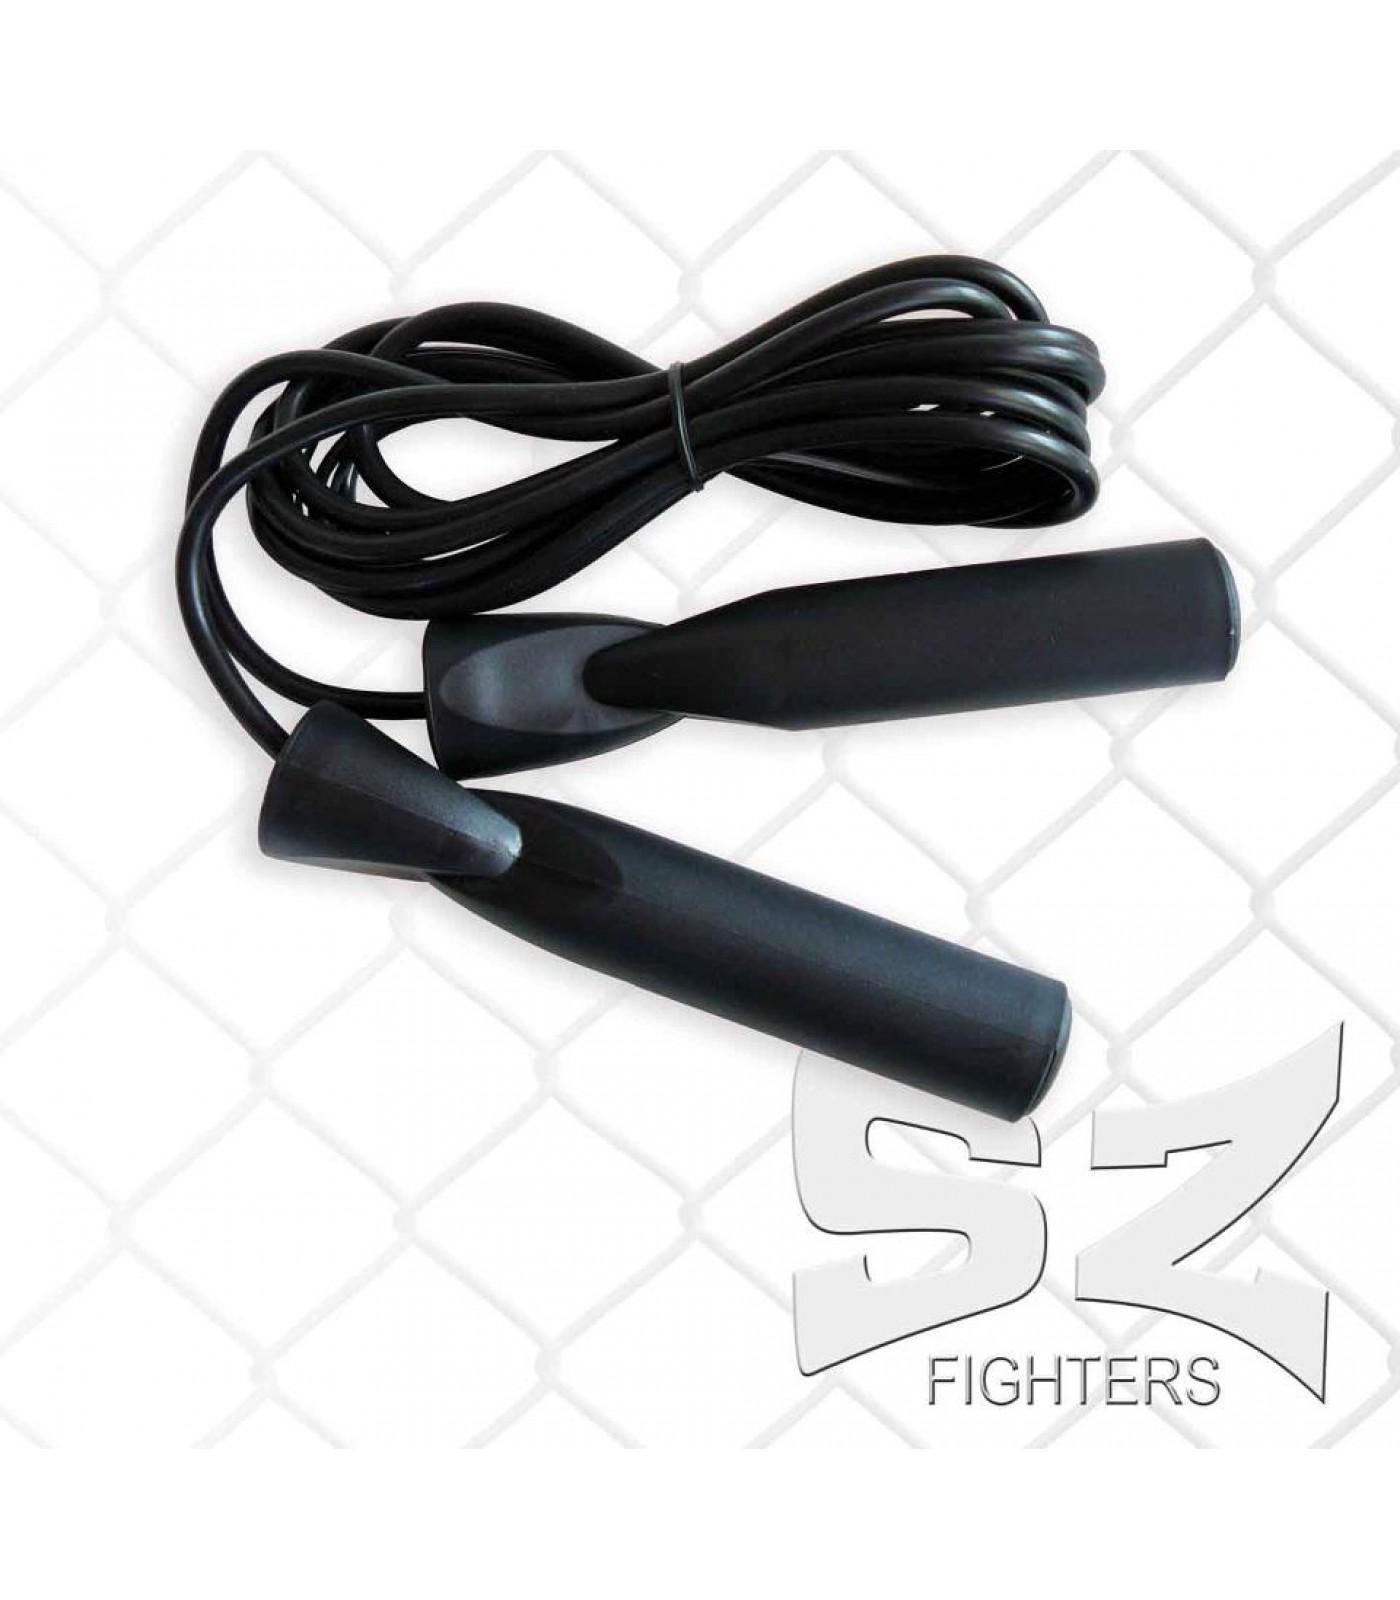 SZ Fighters - Въже за скачане